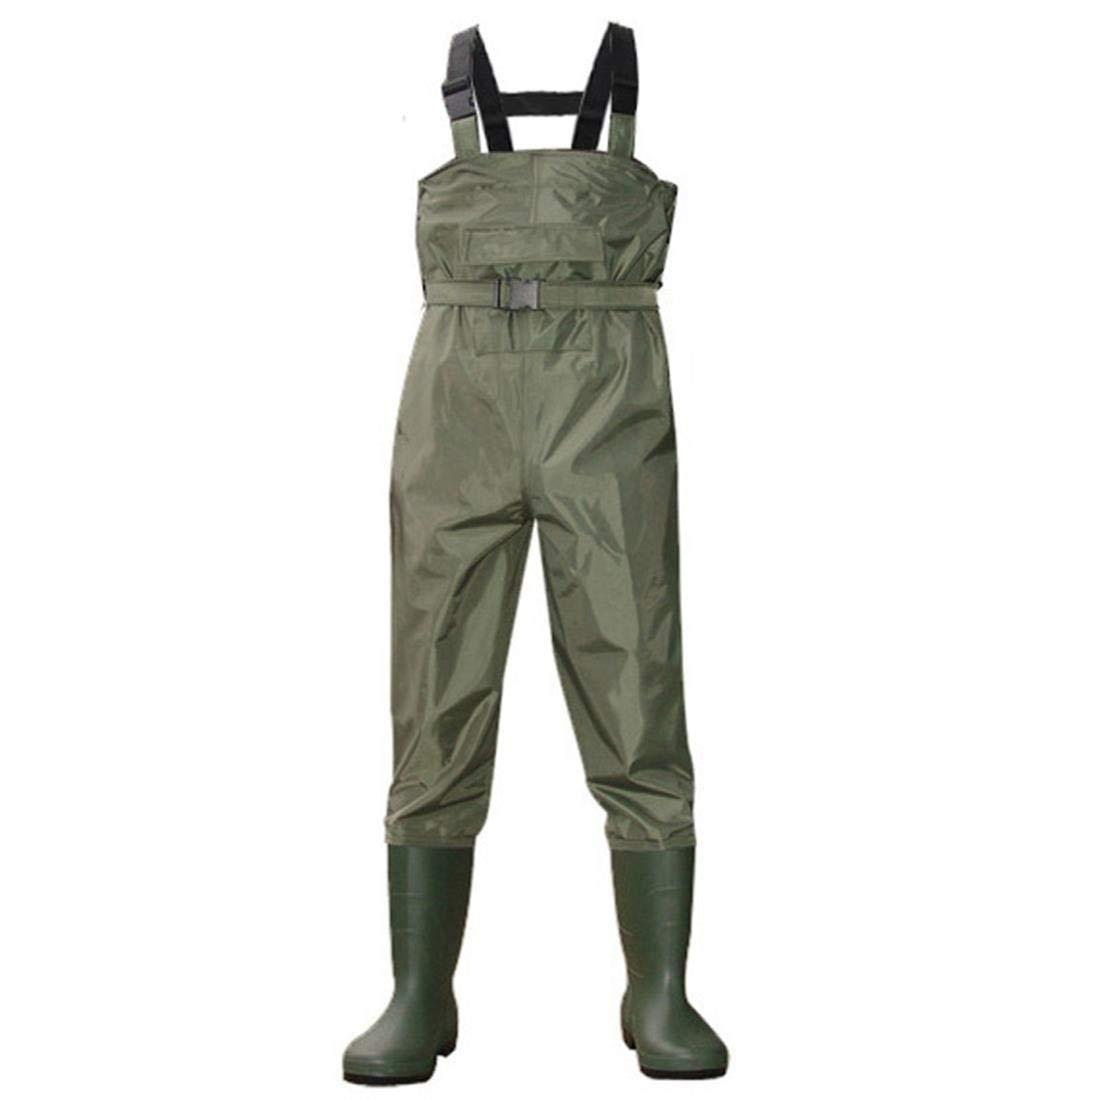 誕生日プレゼント Autek 釣り用チェストウェーダーパンツ ブーツ 防水 ブーツ 通気性 アーミーグリーン 通気性 調整ベルト 防水 41 B07GZFRQLN, AVANCE アヴァンス:4d8be3df --- a0267596.xsph.ru